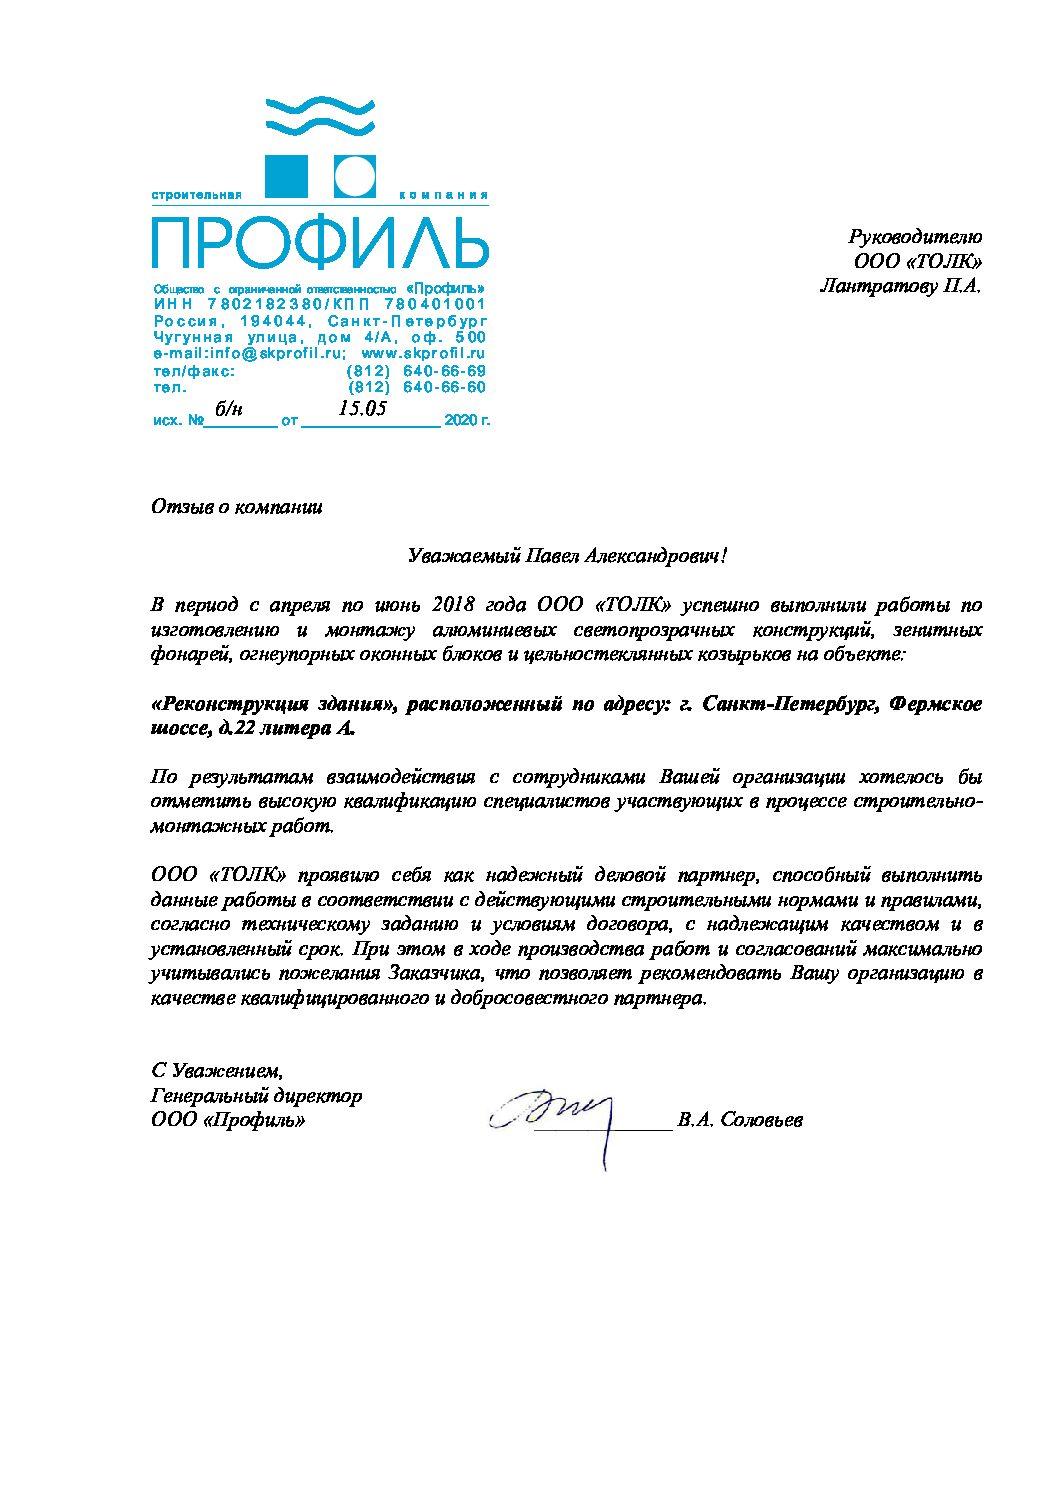 ООО ПРОФИЛЬ